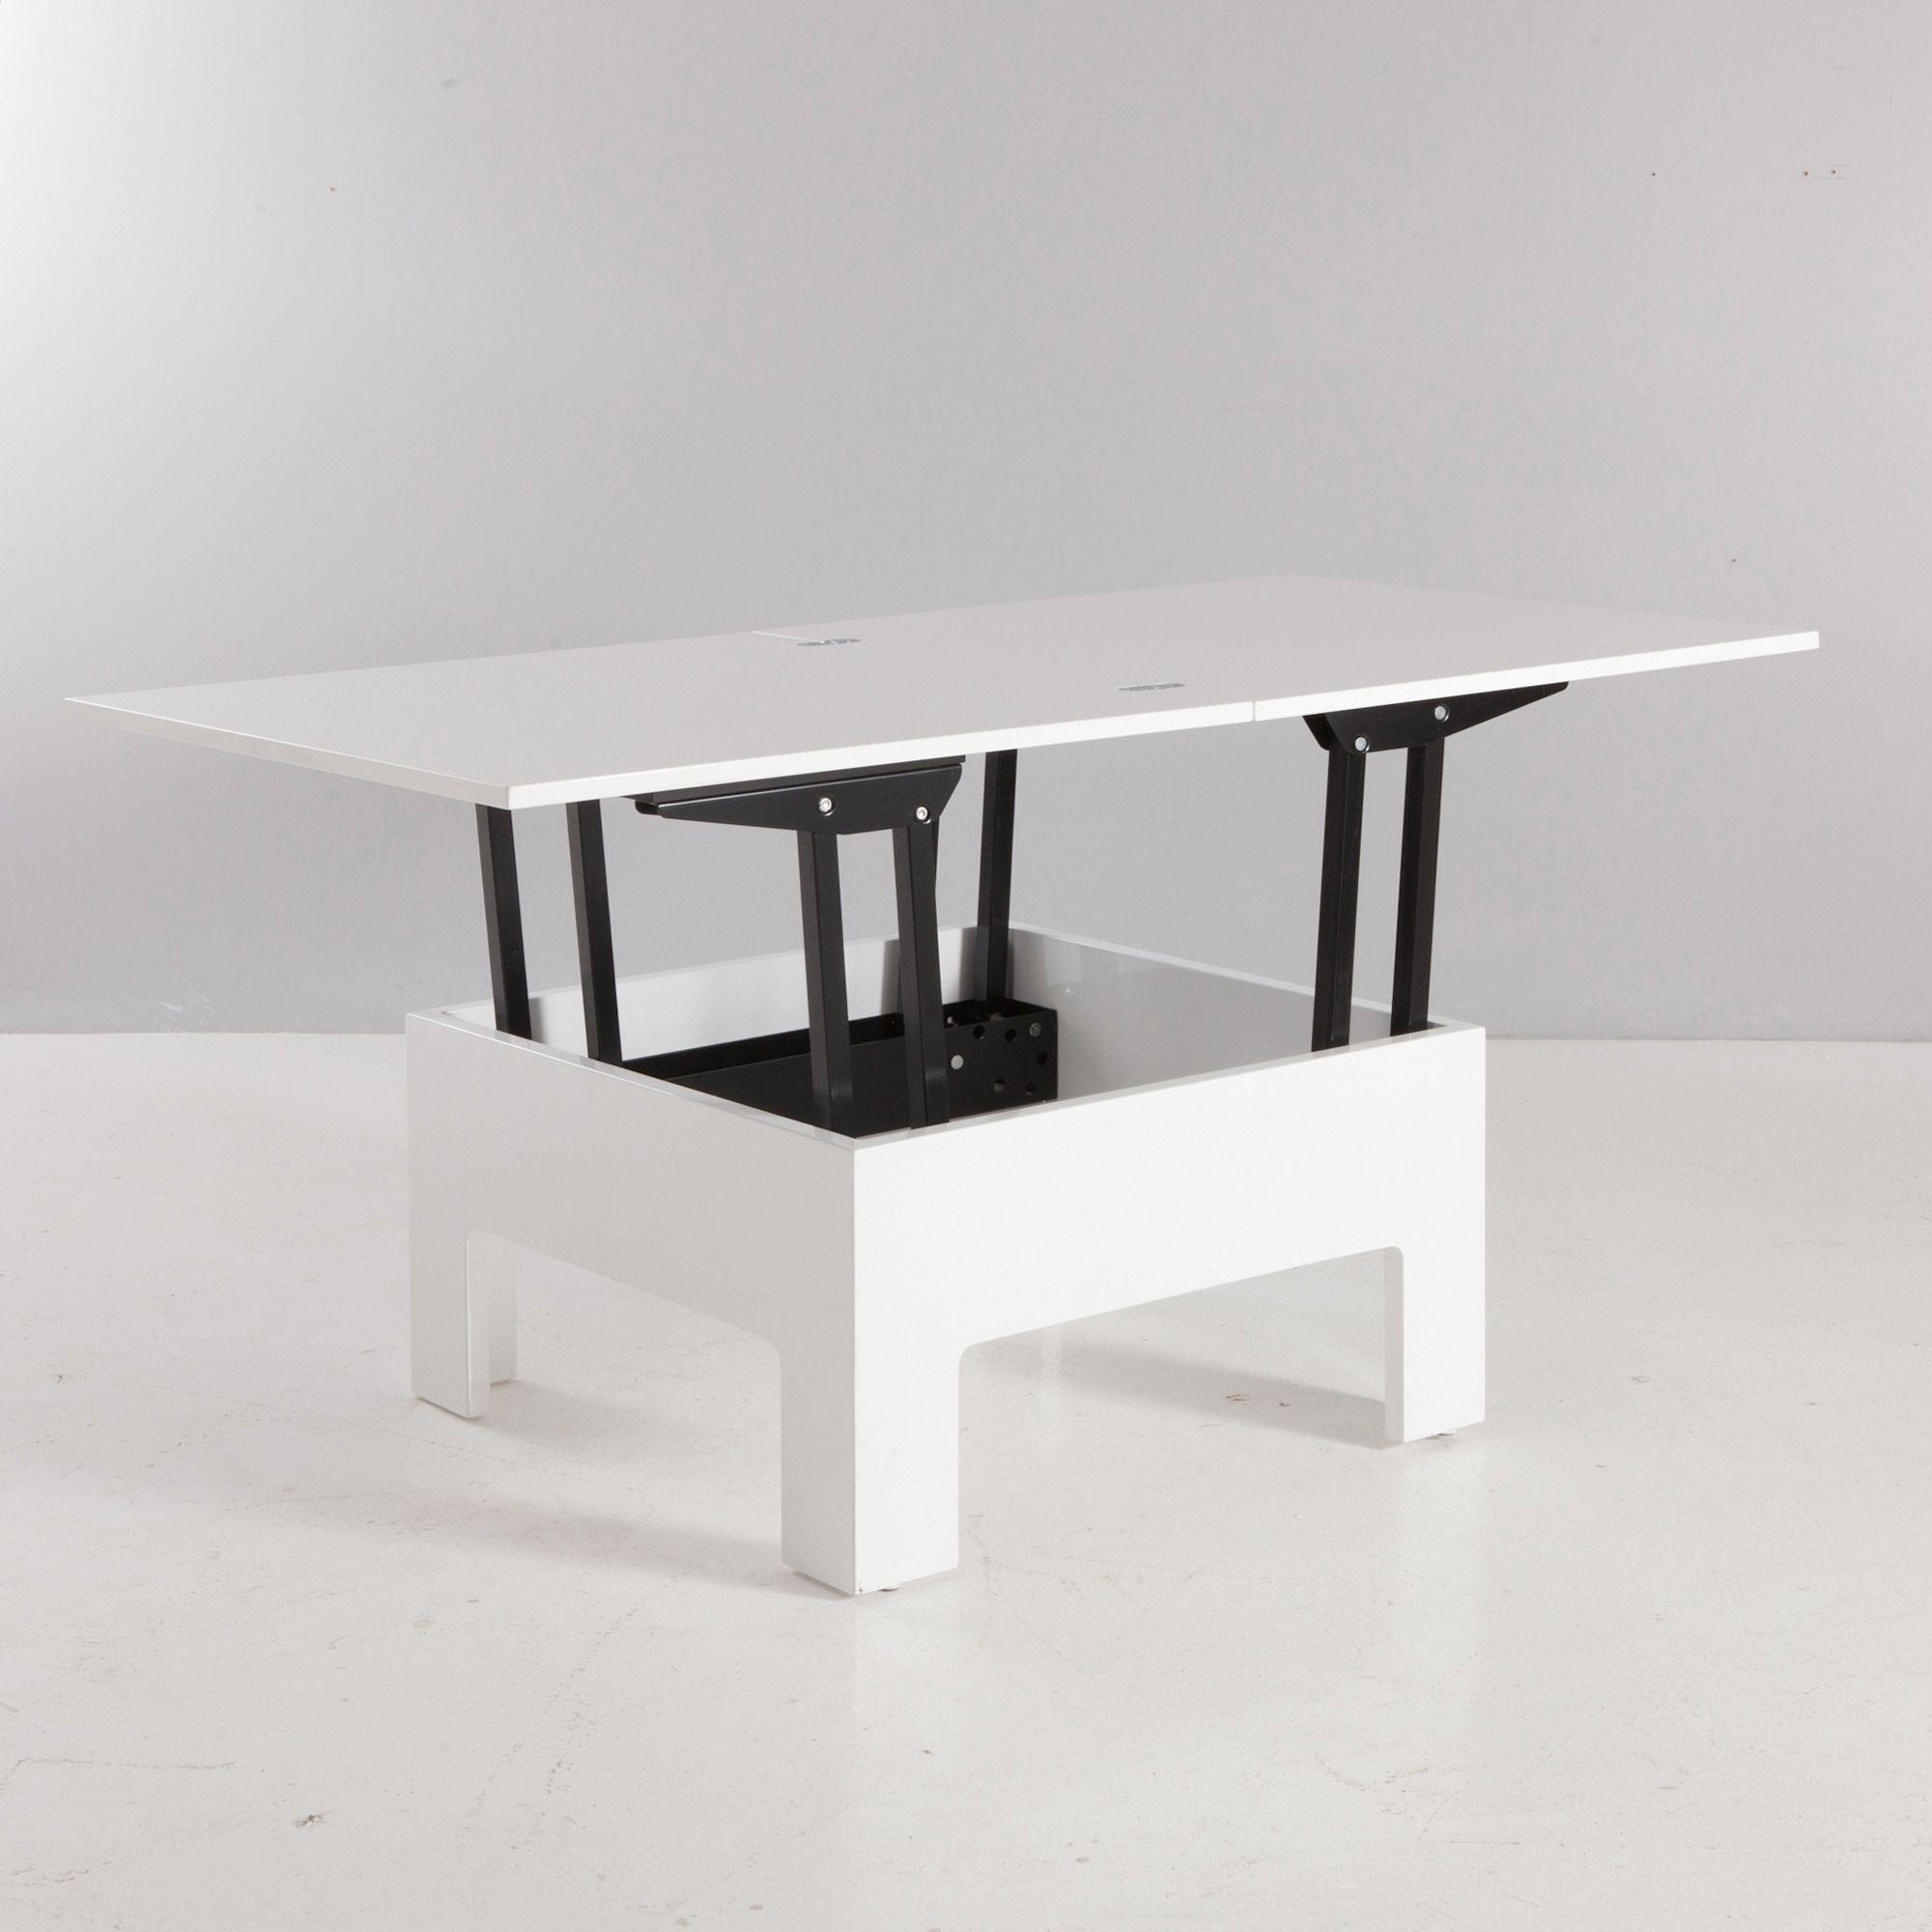 table basse bar rectangulaire relevable extensible en. Black Bedroom Furniture Sets. Home Design Ideas